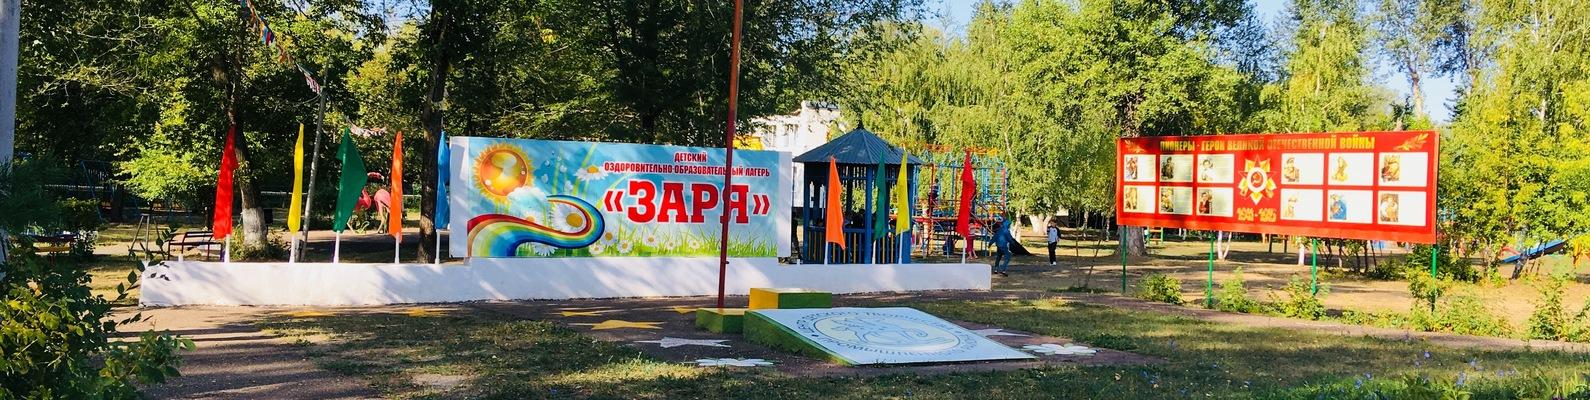 Картинки про лагерь заря